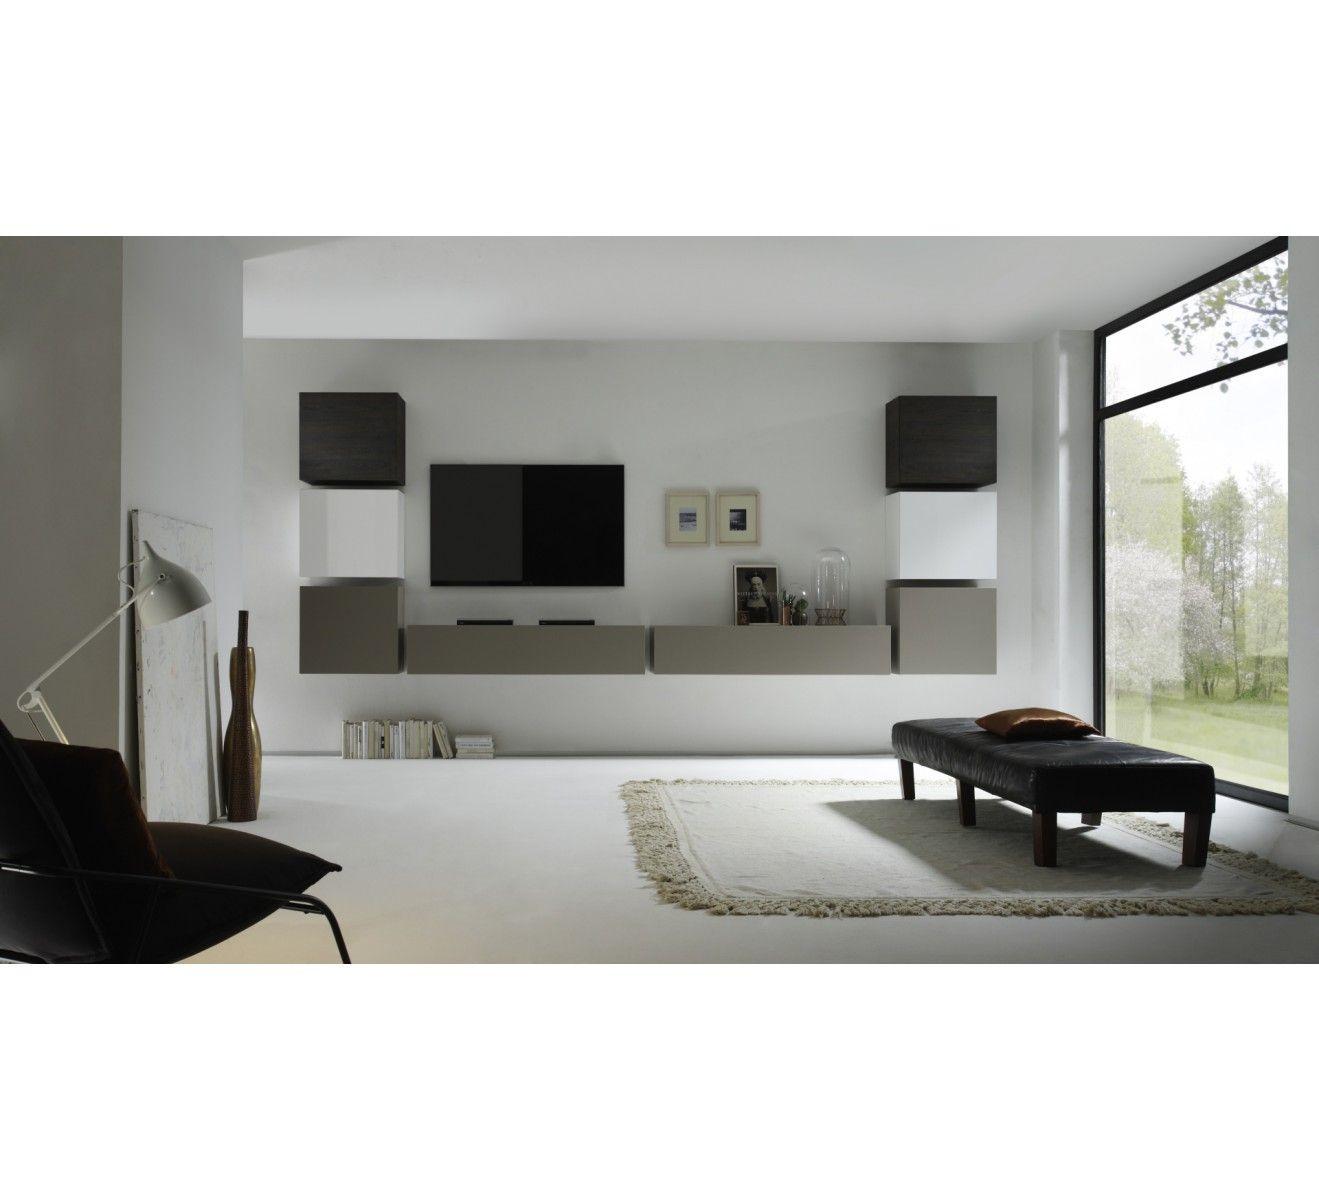 beau ensemble meuble tv gris | Décoration française | Pinterest